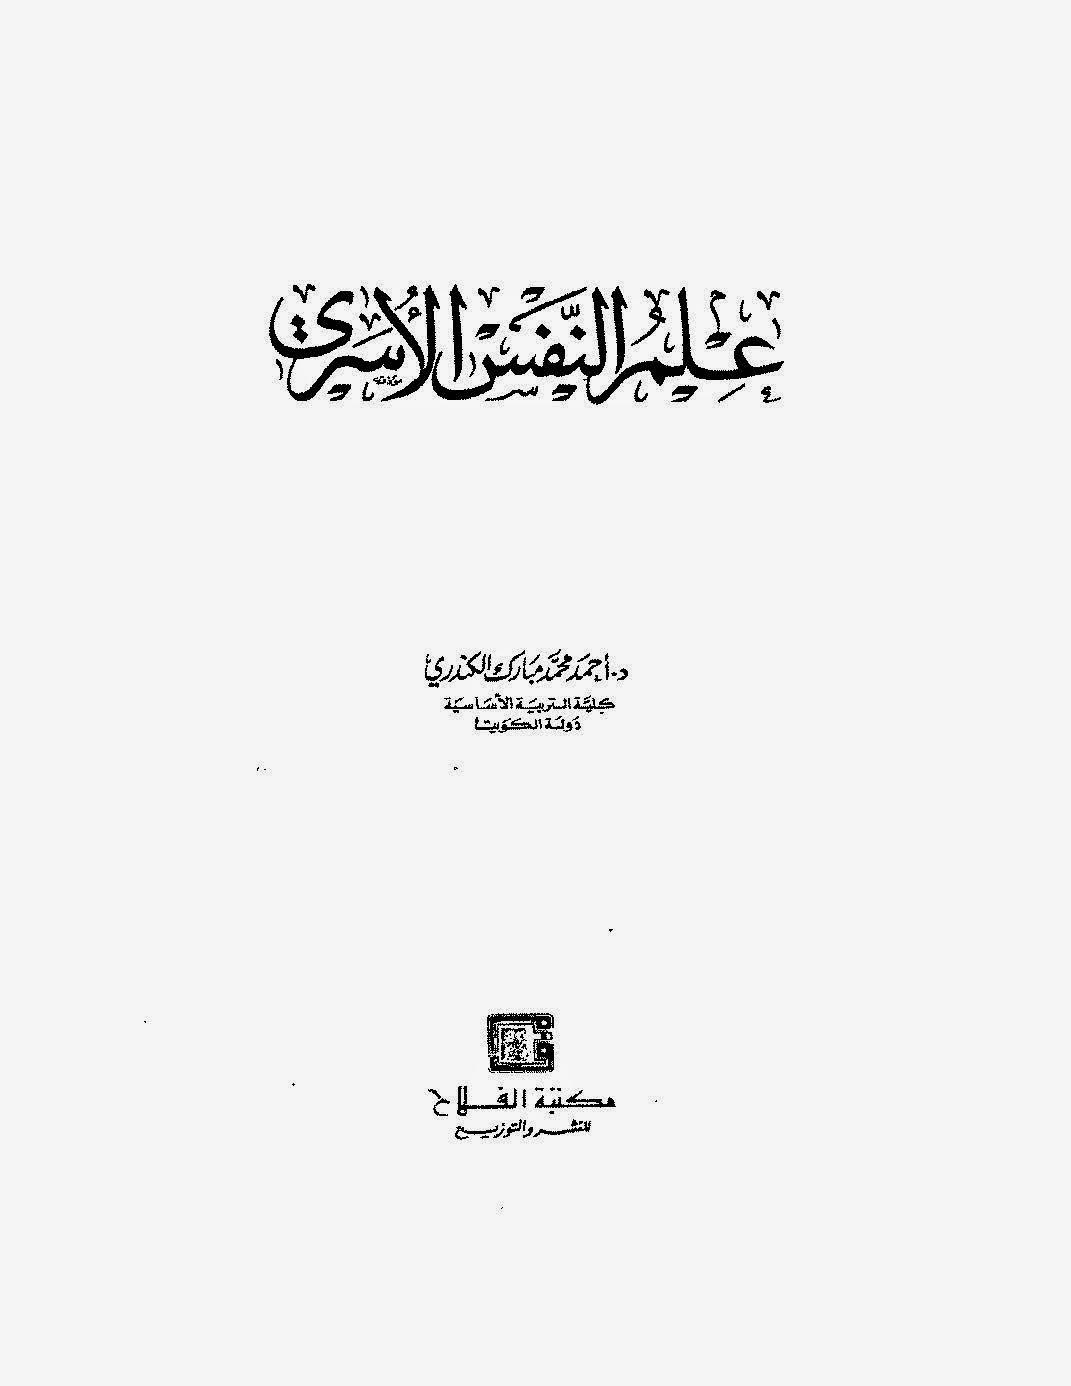 كتاب علم النفس الأسري لـ أحمد الكندري